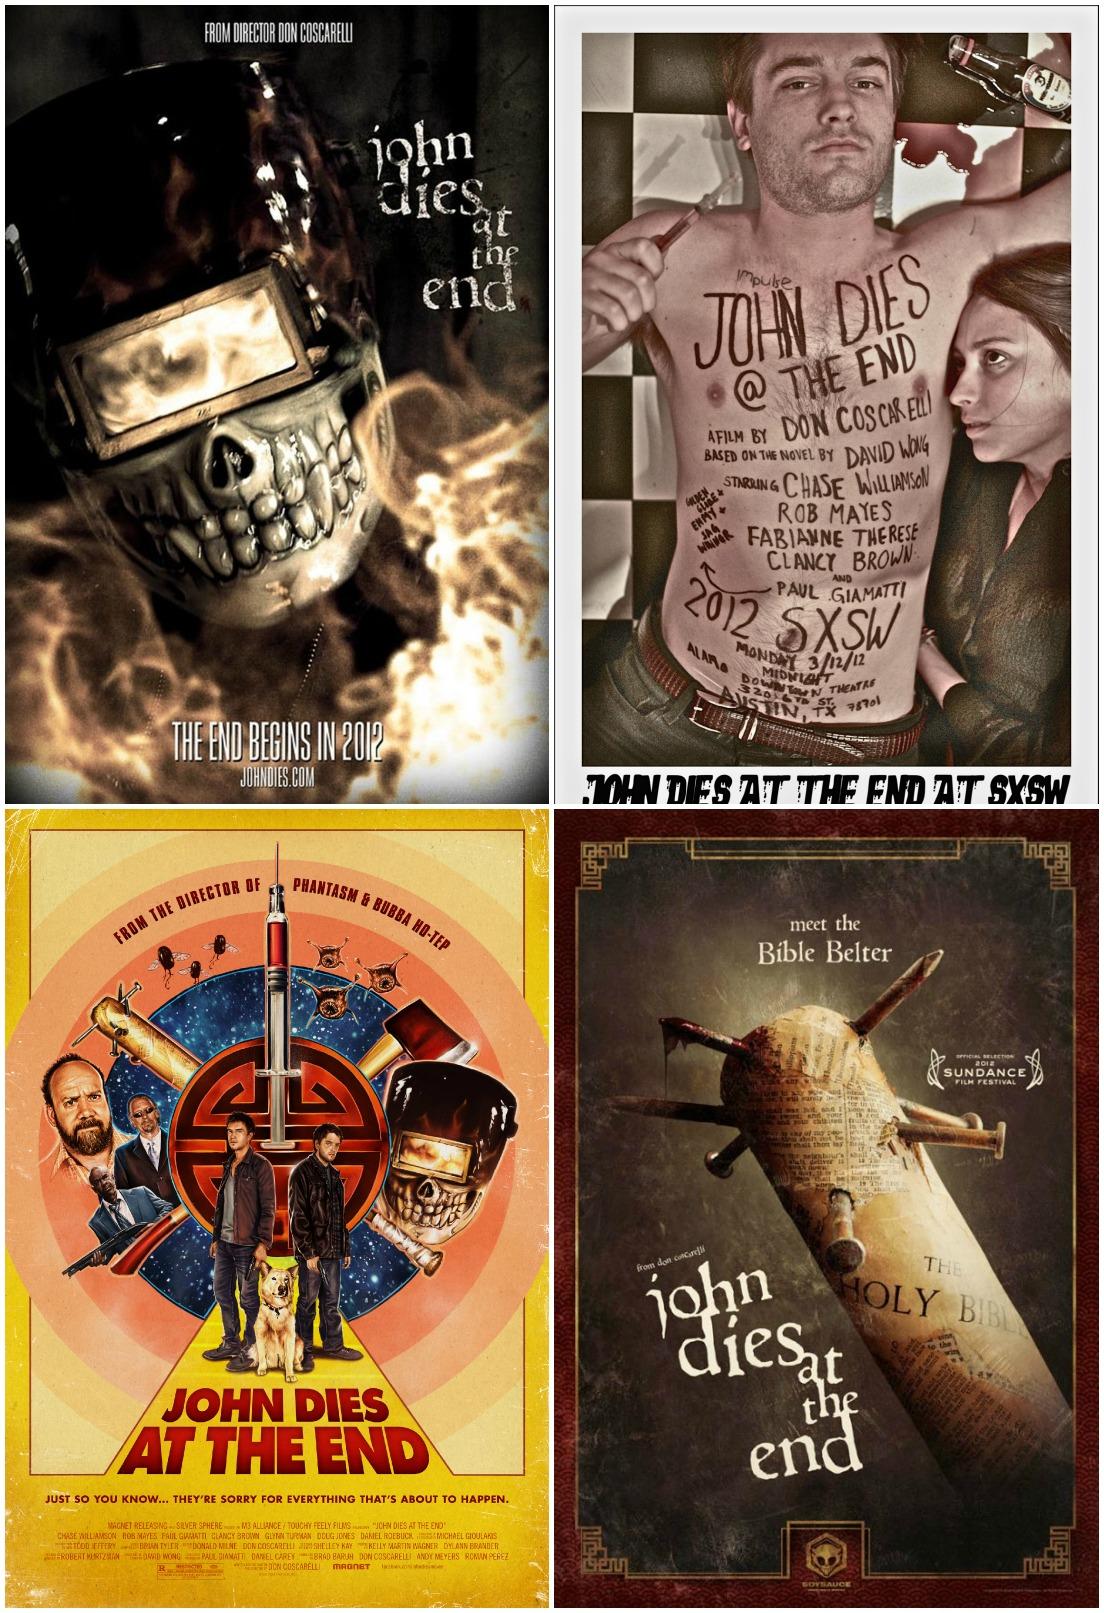 http://2.bp.blogspot.com/-KjmVkbwp0ko/UOPbxkUC8qI/AAAAAAAADr0/bg49IfuEsr4/s0/John+Dies+At+The+End+Poster.jpg